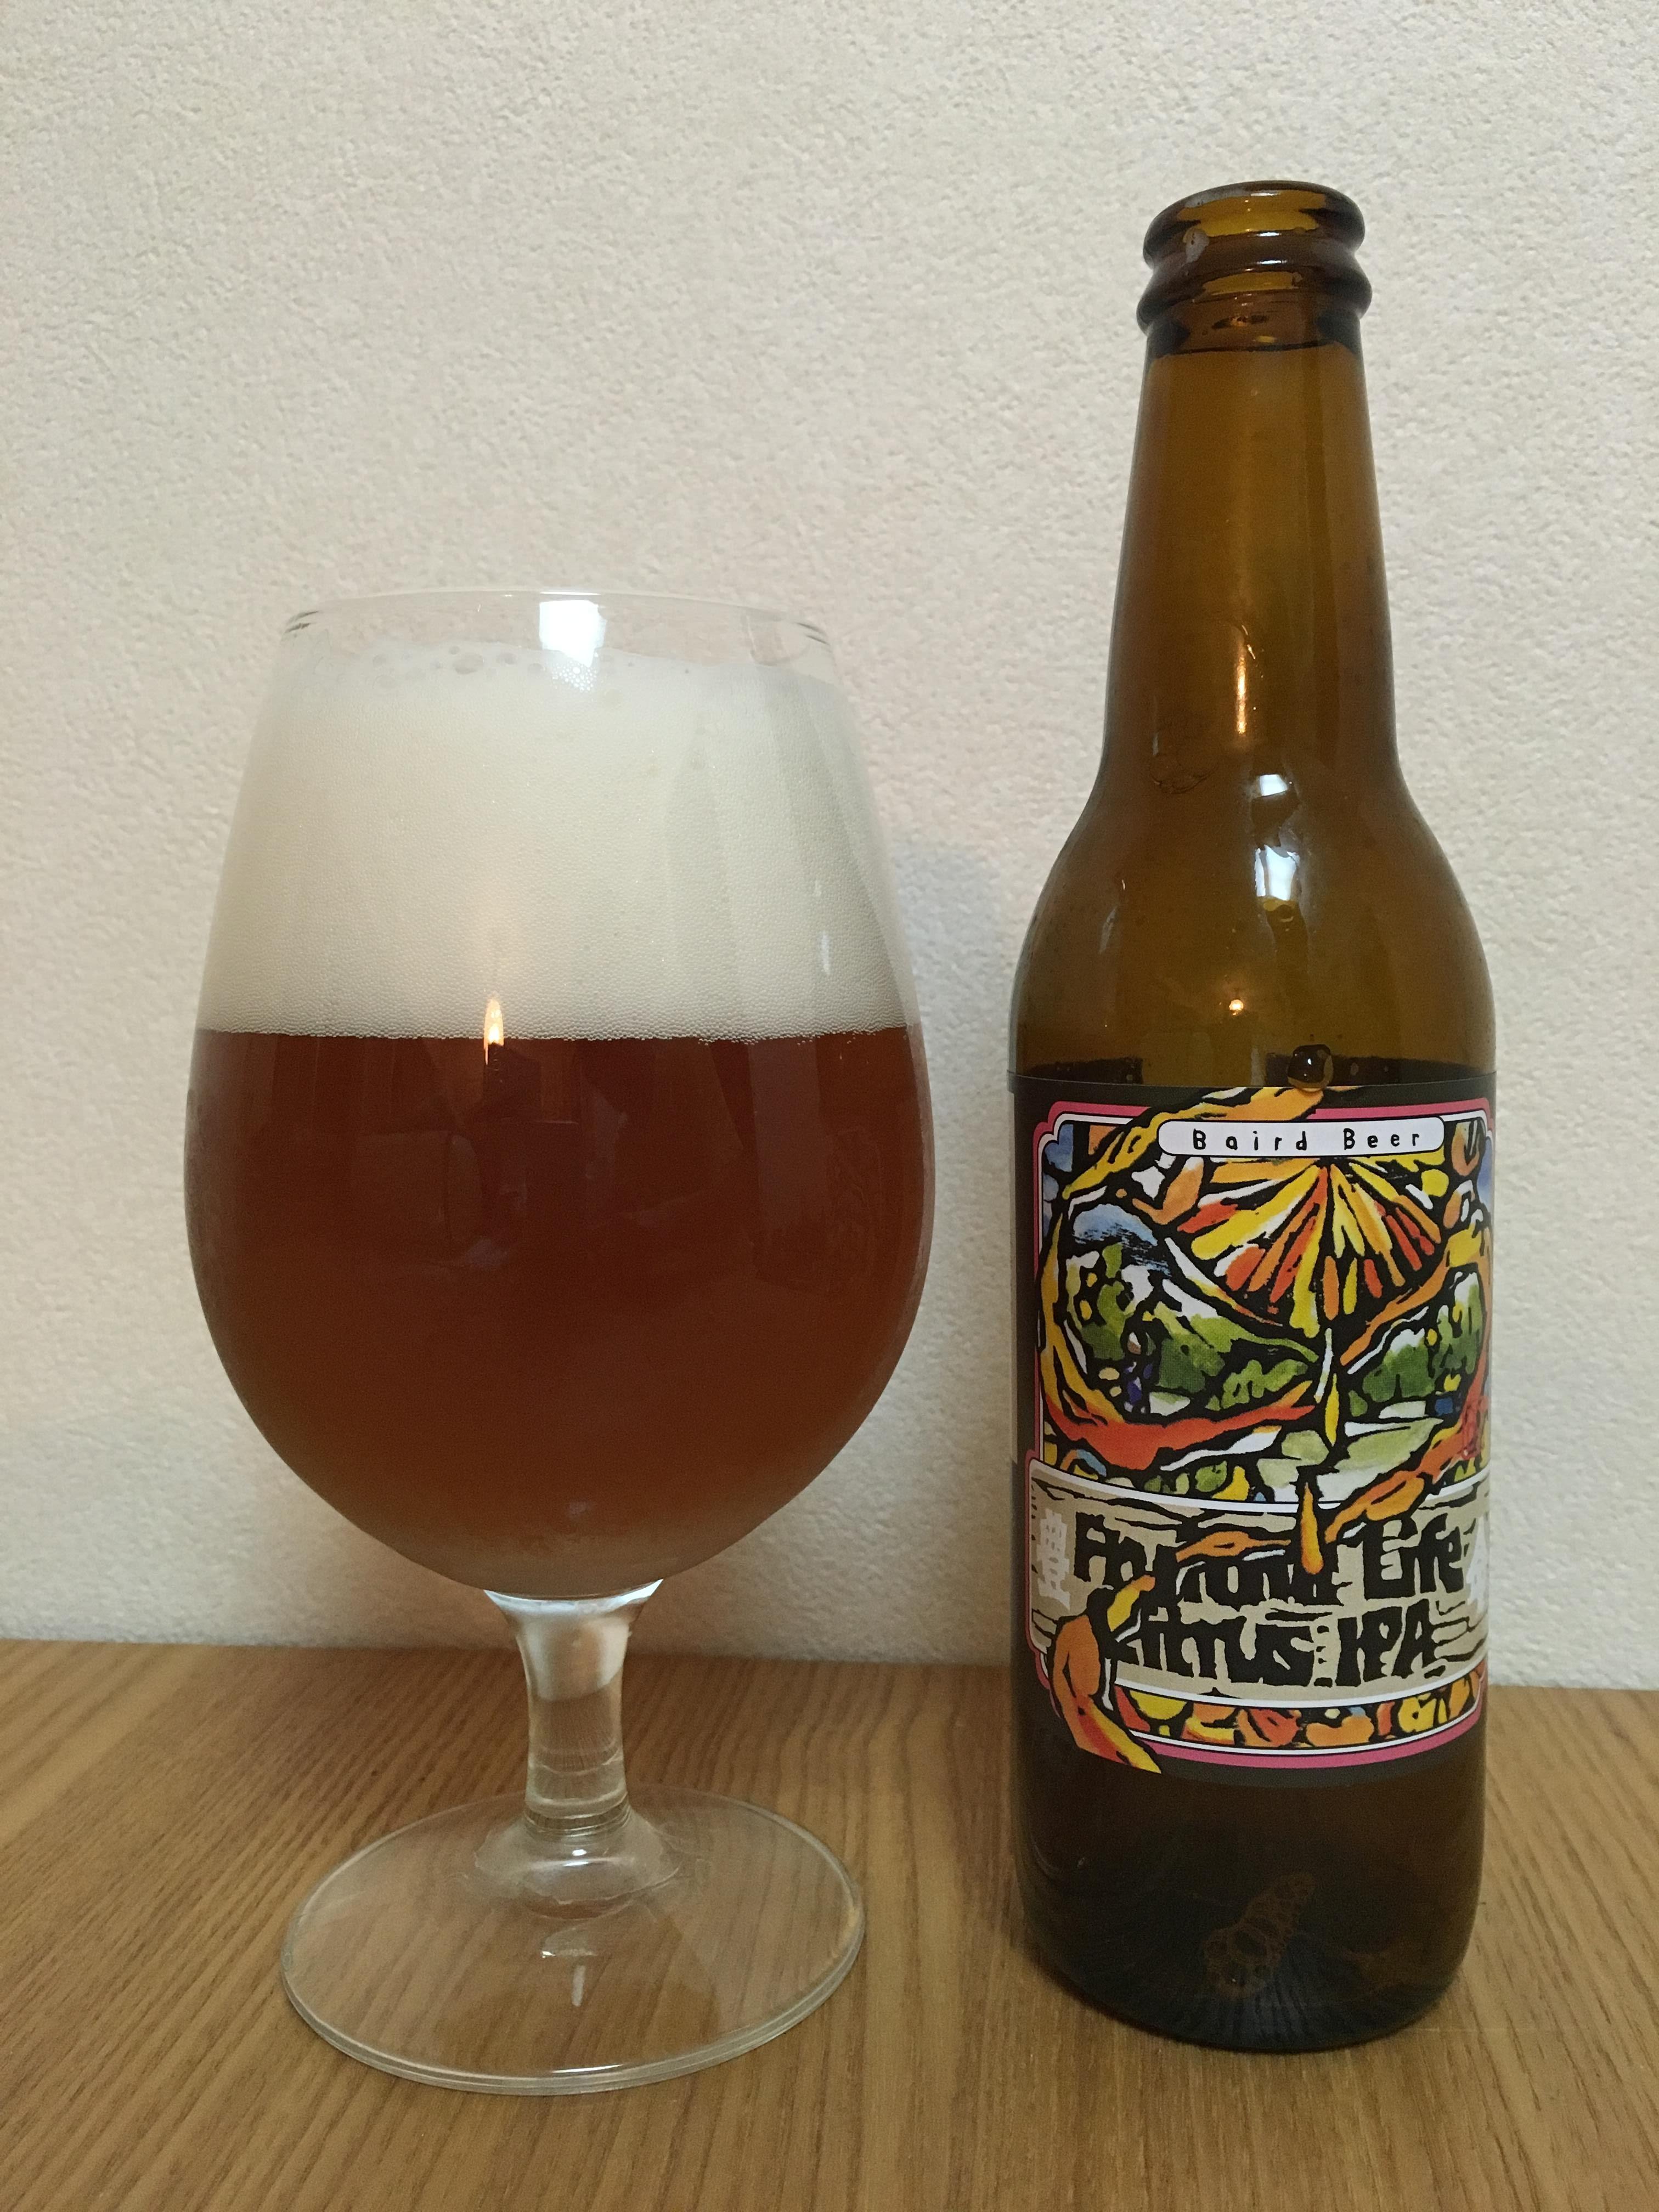 Baird Beer Fruitful Life Citrus IPA(ベアードビール フルーツライフ シトラス IPA)